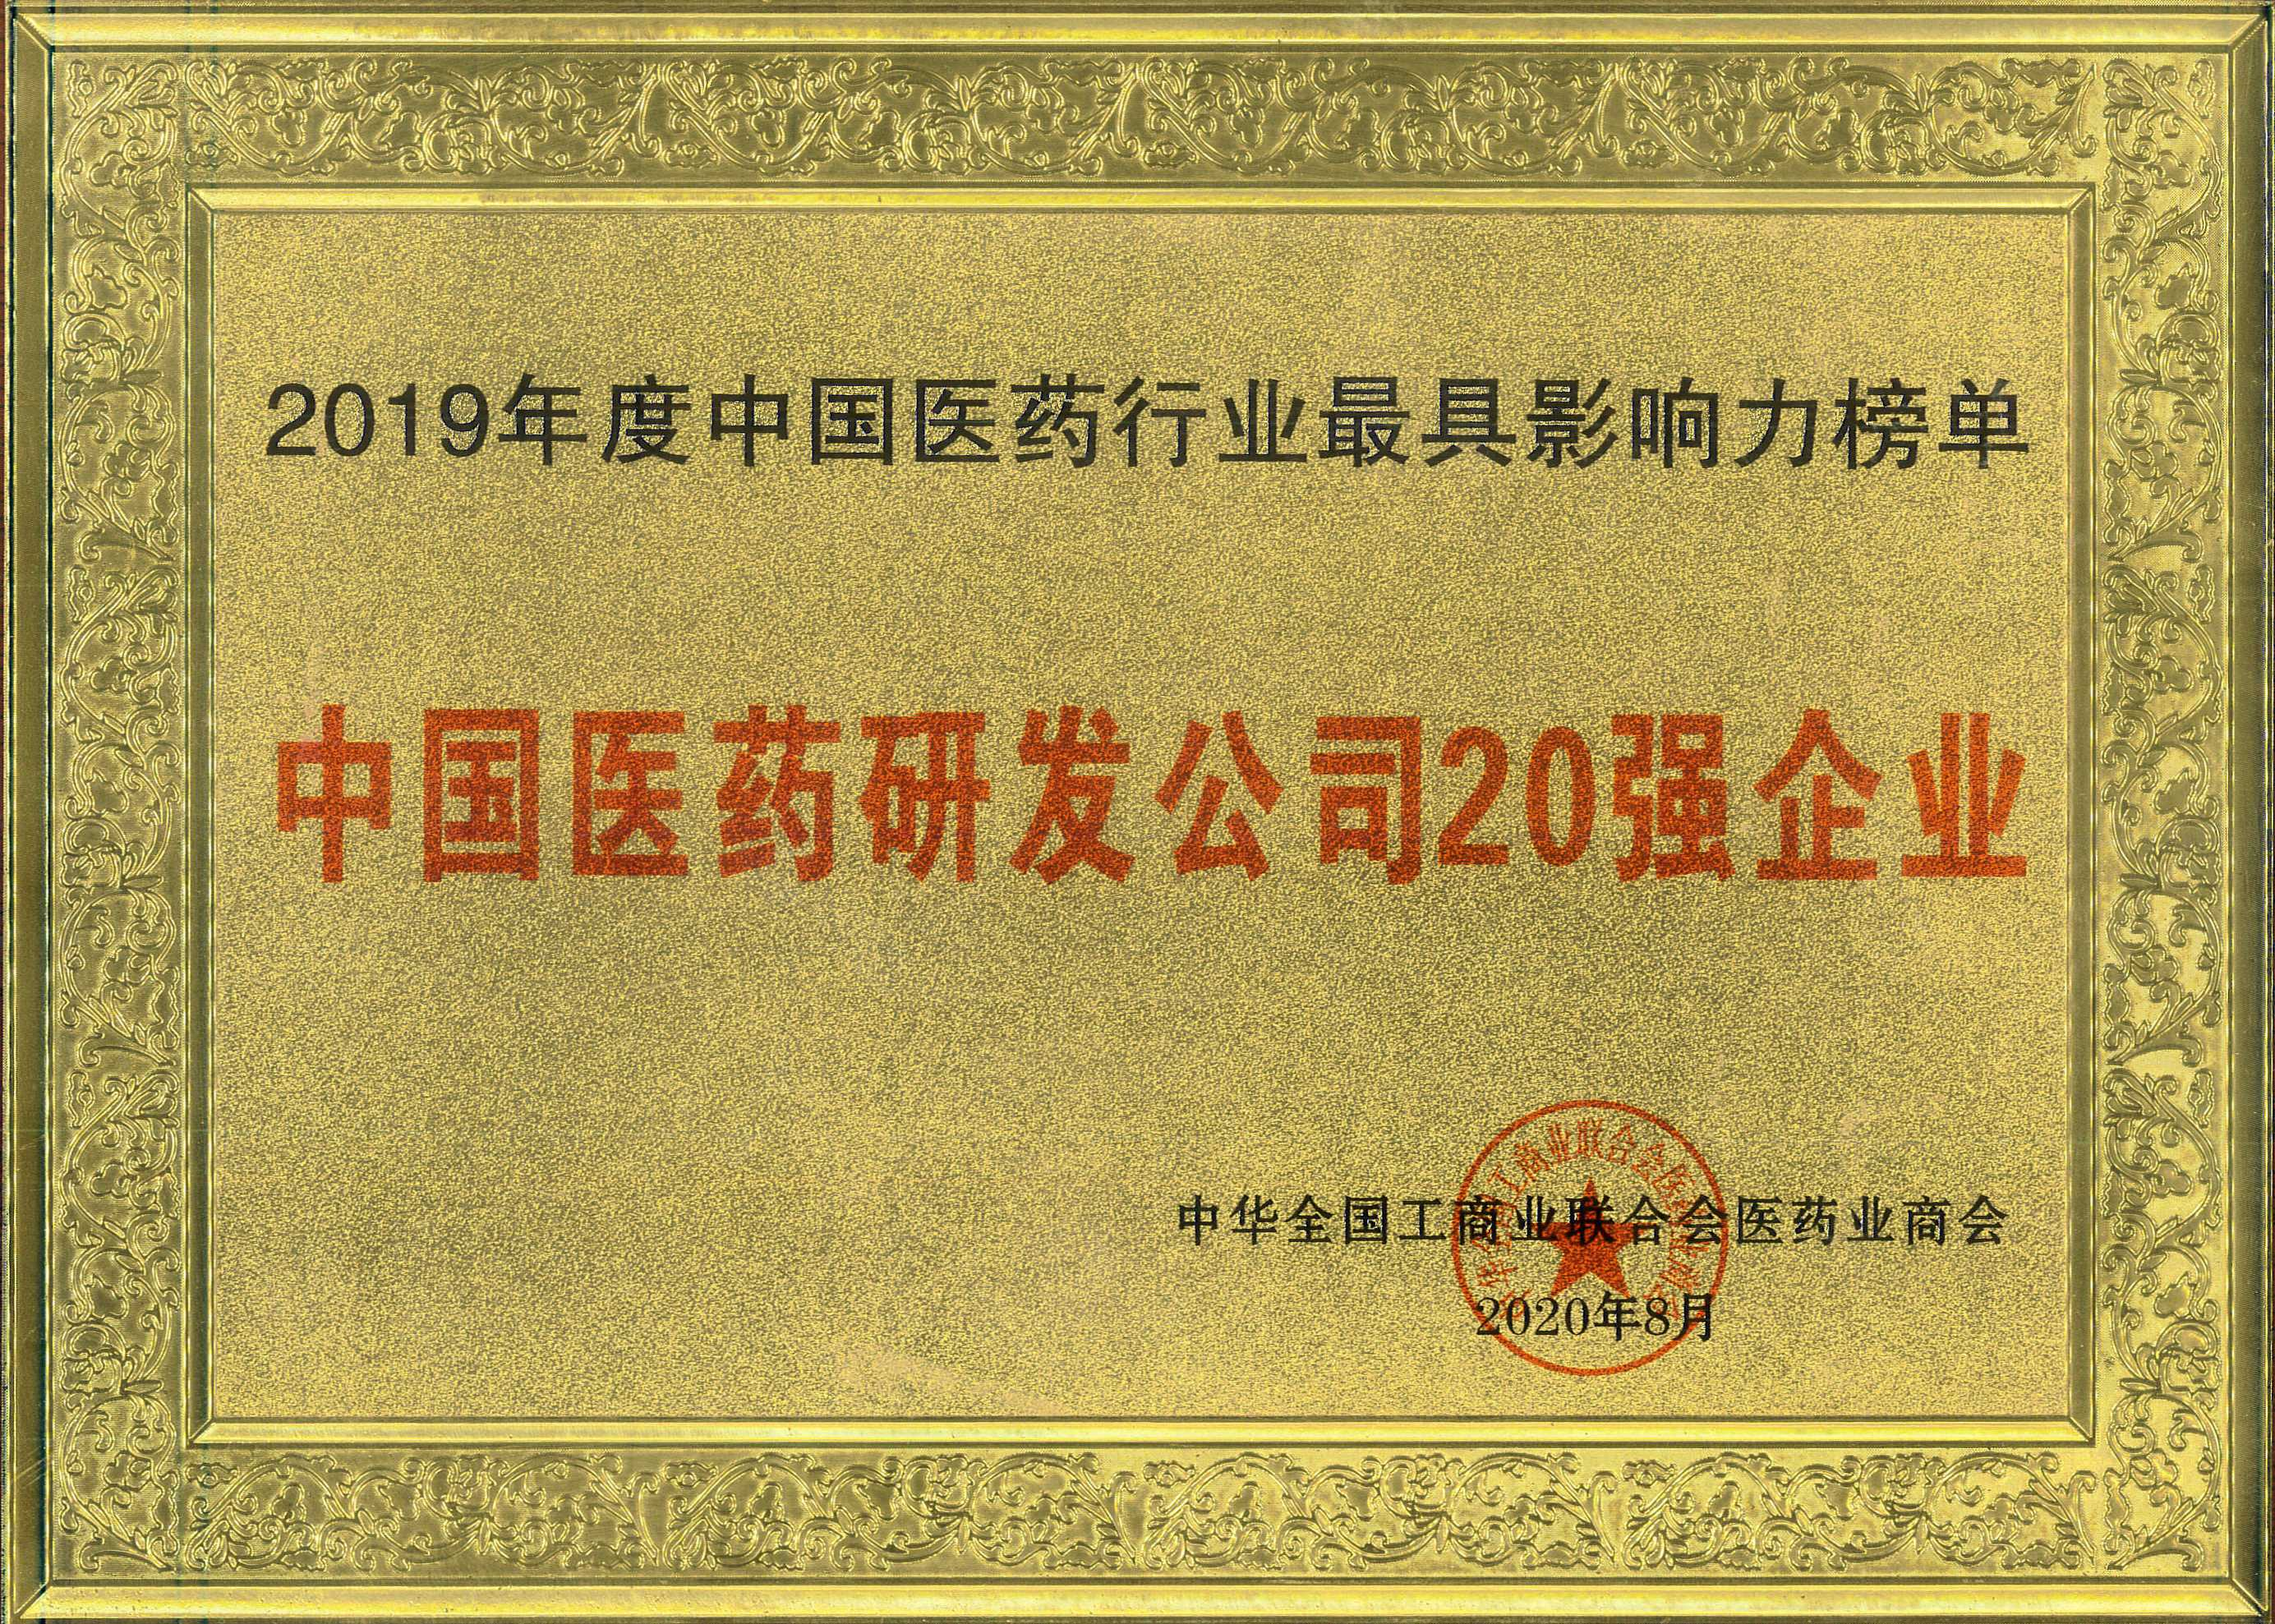 諾和-中國醫藥研發20強2019